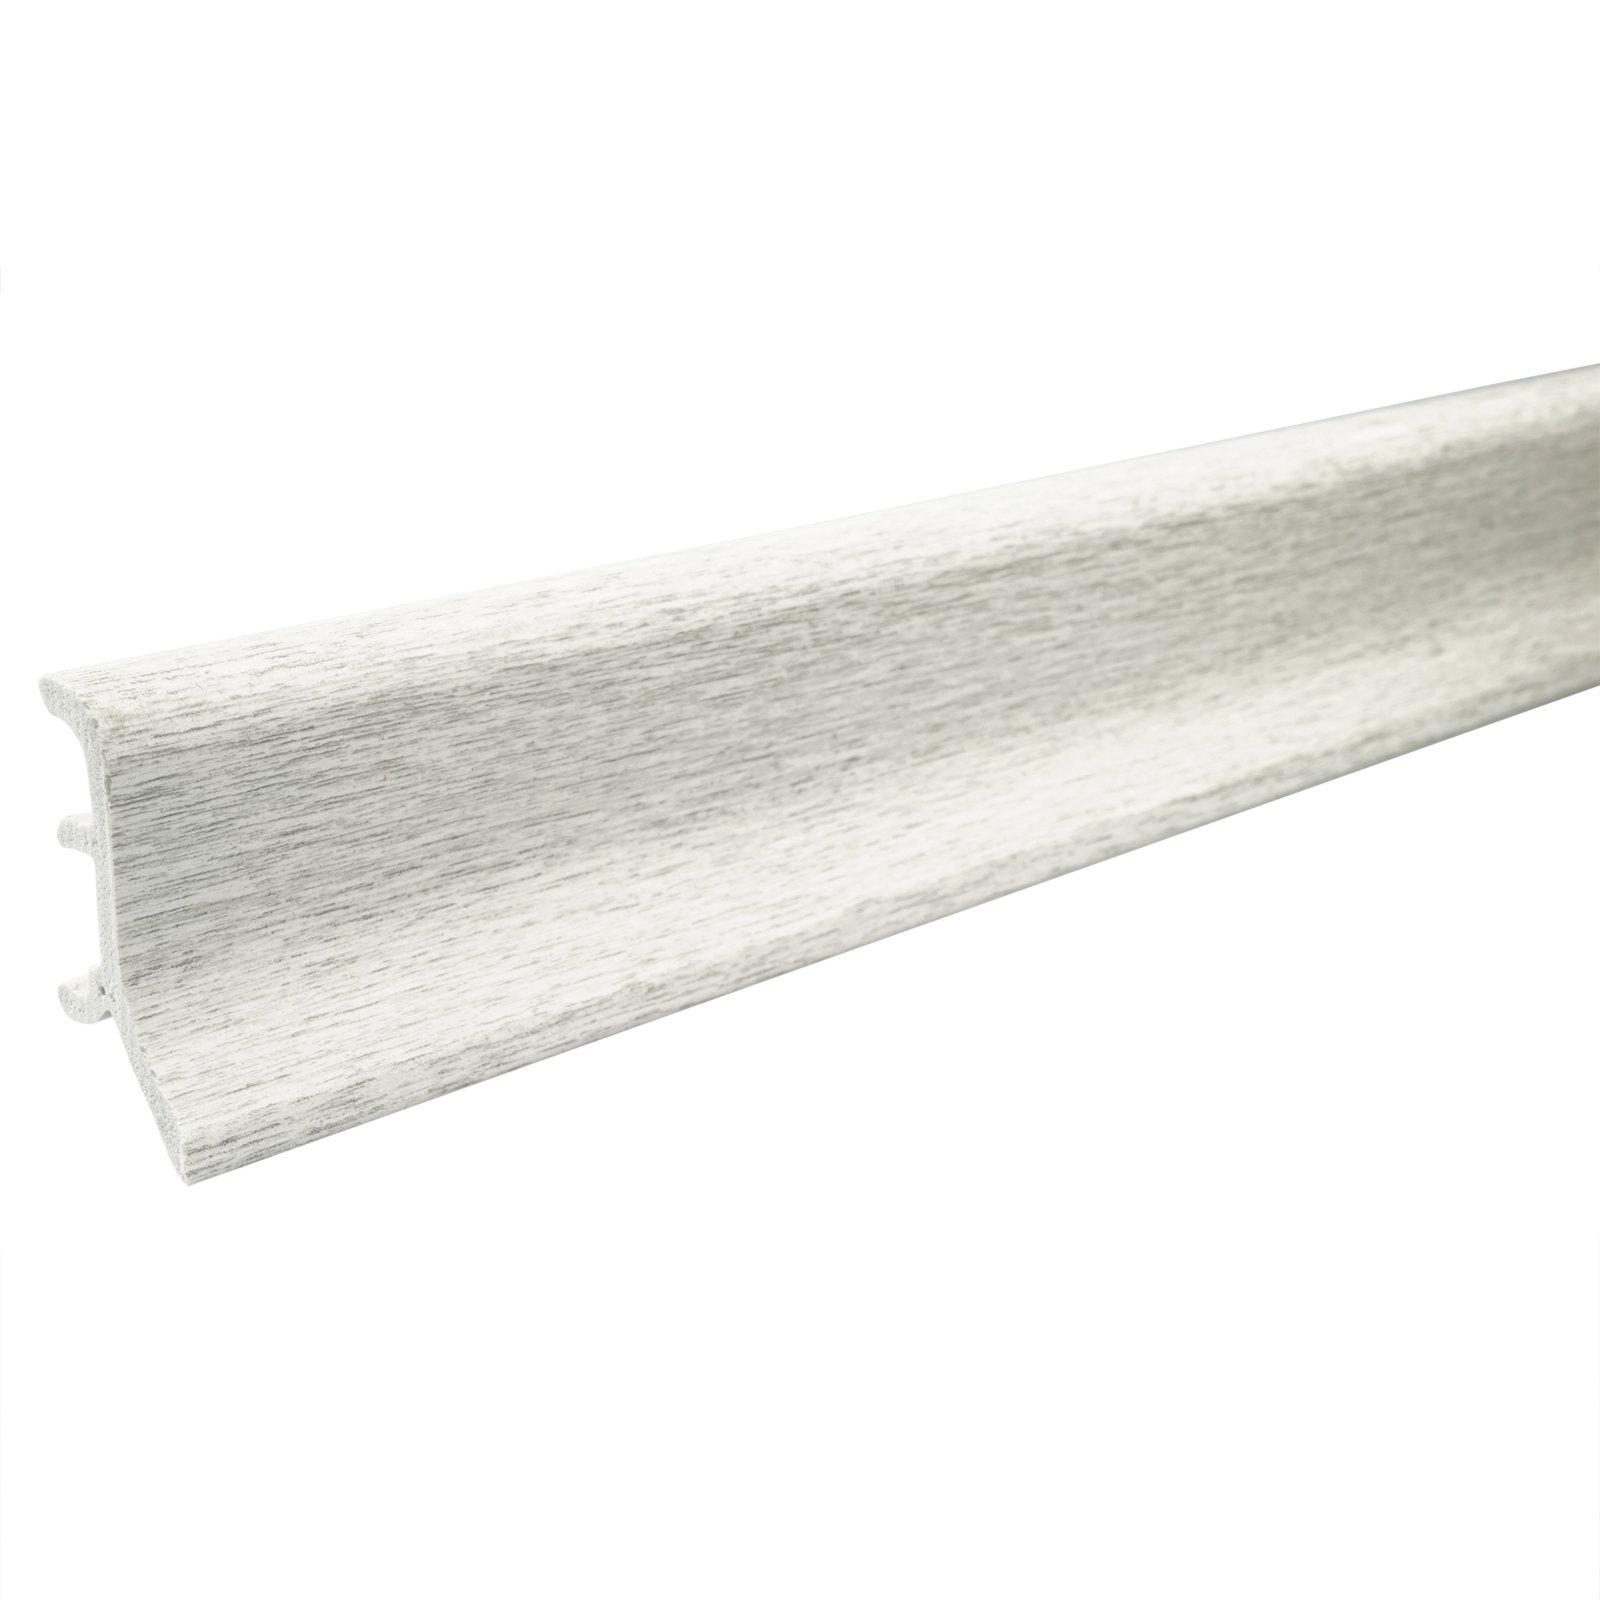 hartschaum sockelleiste esche grau 48 mm 250 cm fu leisten bodenbel ge renovieren. Black Bedroom Furniture Sets. Home Design Ideas